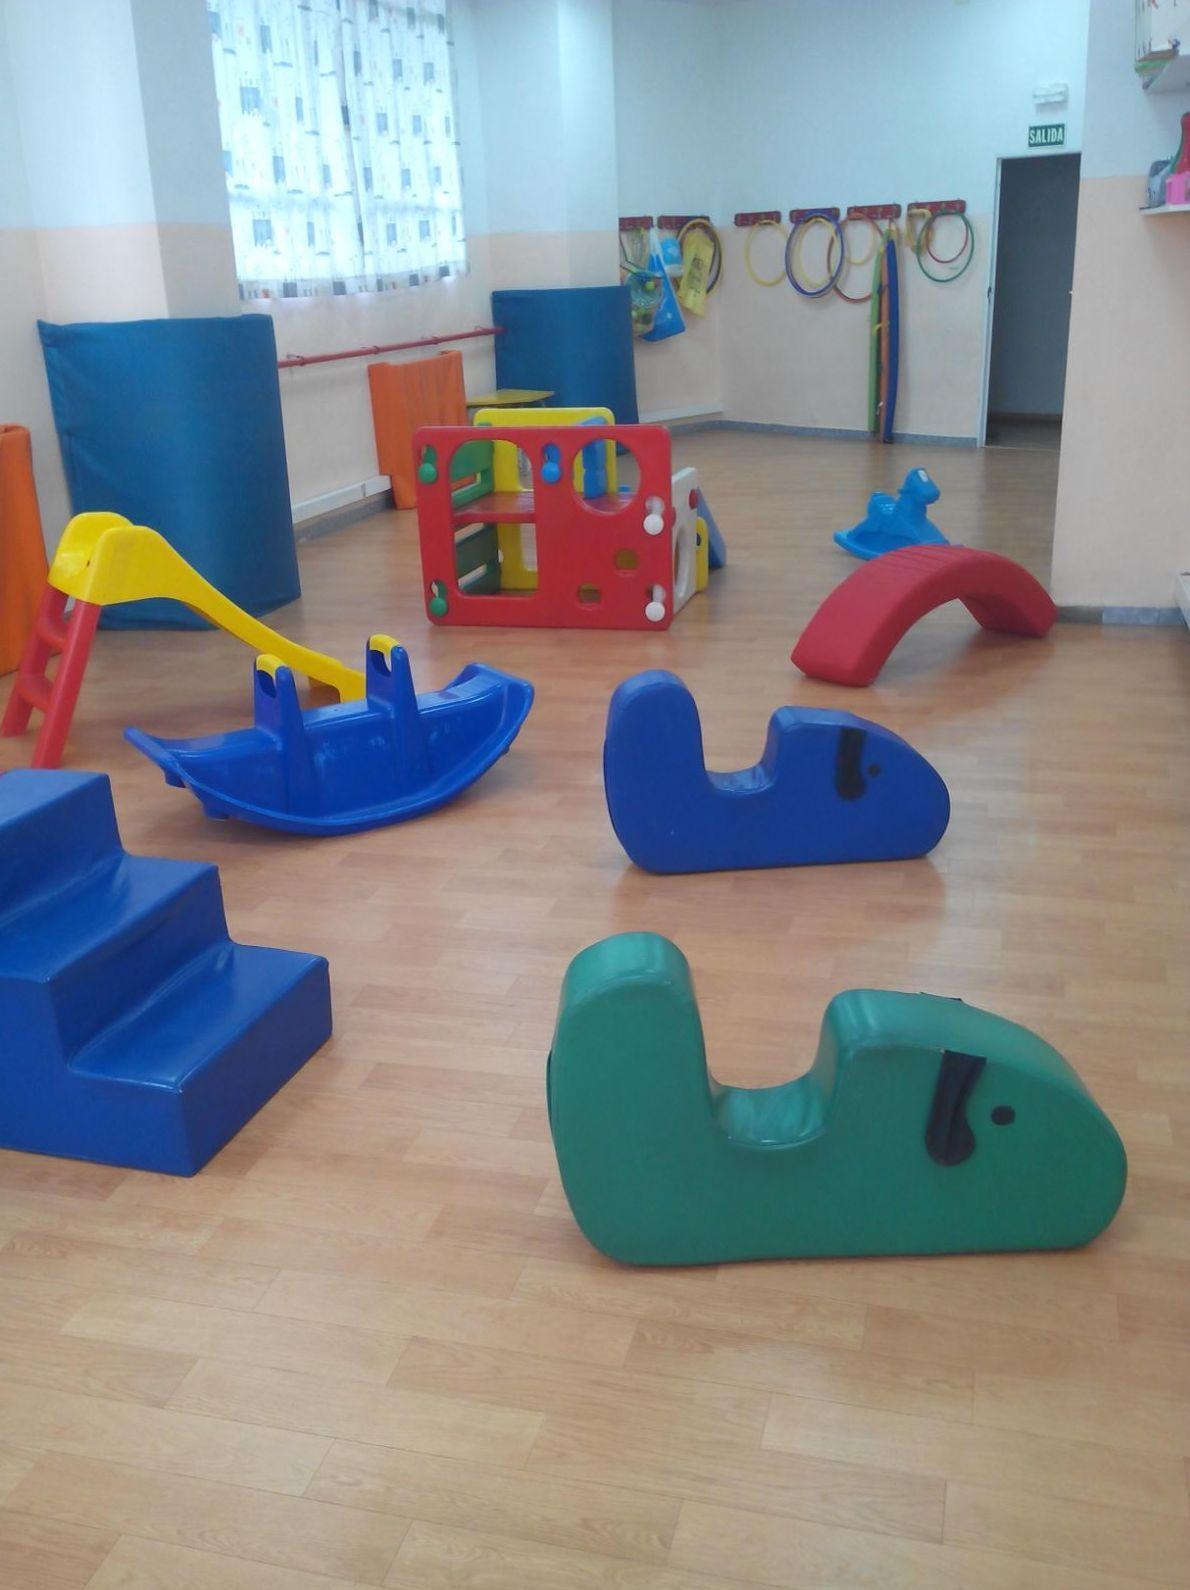 Foto 11 de Guarderías y Escuelas infantiles en Madrid | Santa Mónica - Garabatos